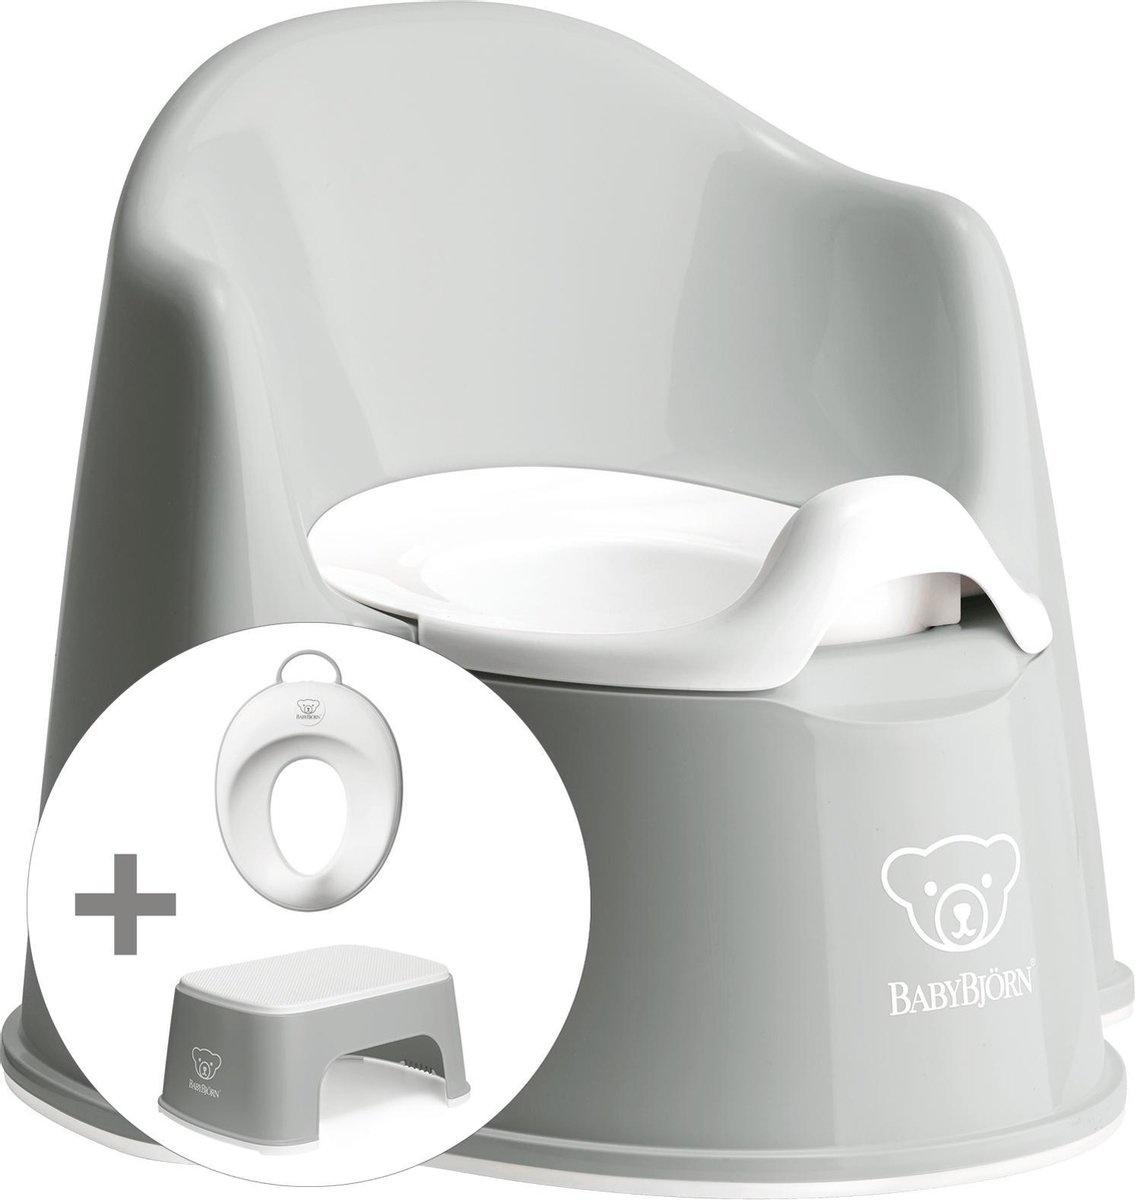 BABYBJÖRN Babybjörn startpakket bestaande uit Plaspotje Zetel, Opstapkrukje en Toilettrainer - Grijs